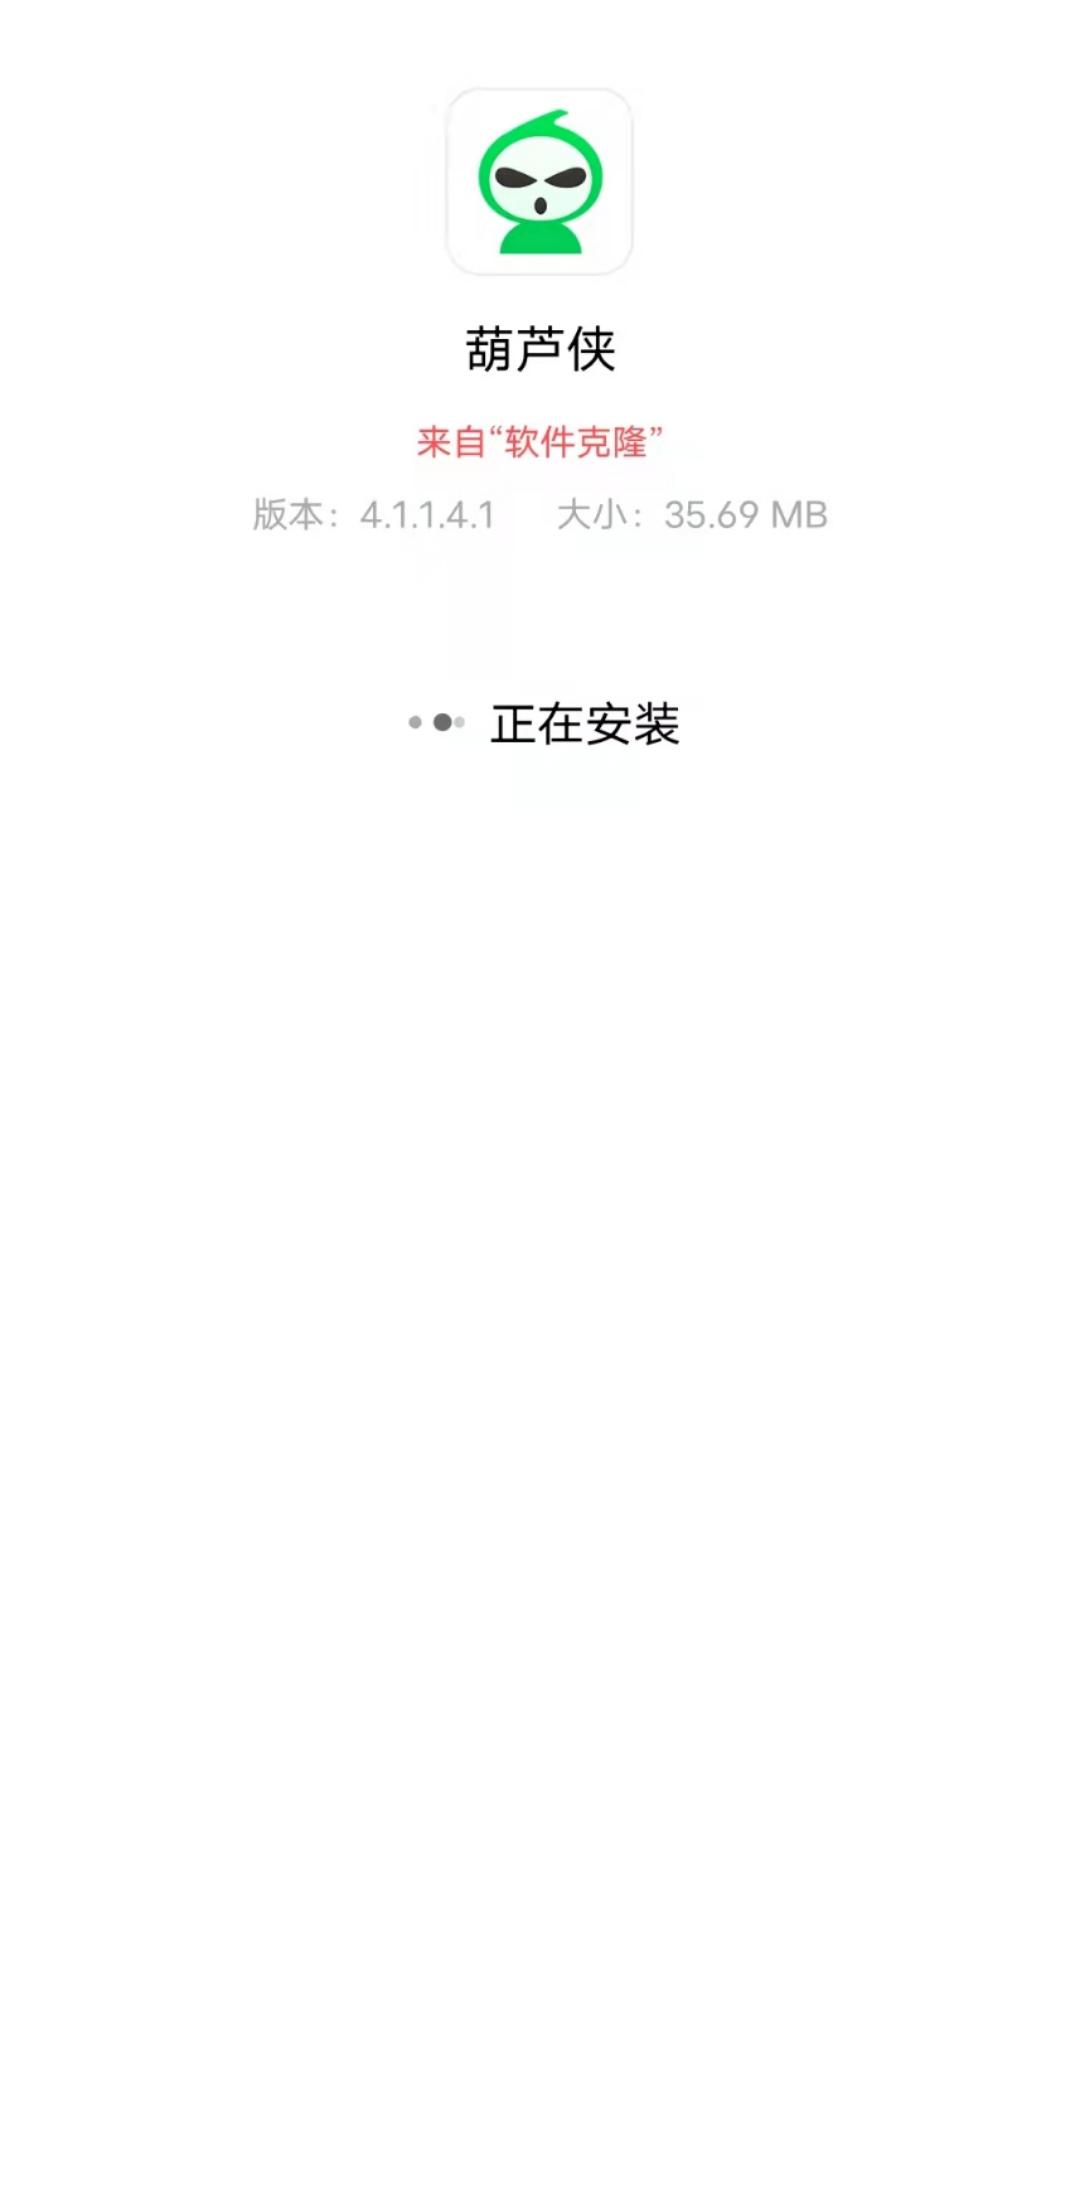 rBAAdmDni1OAA4jWAAElyTh_Xwo296.jpg插图(1)